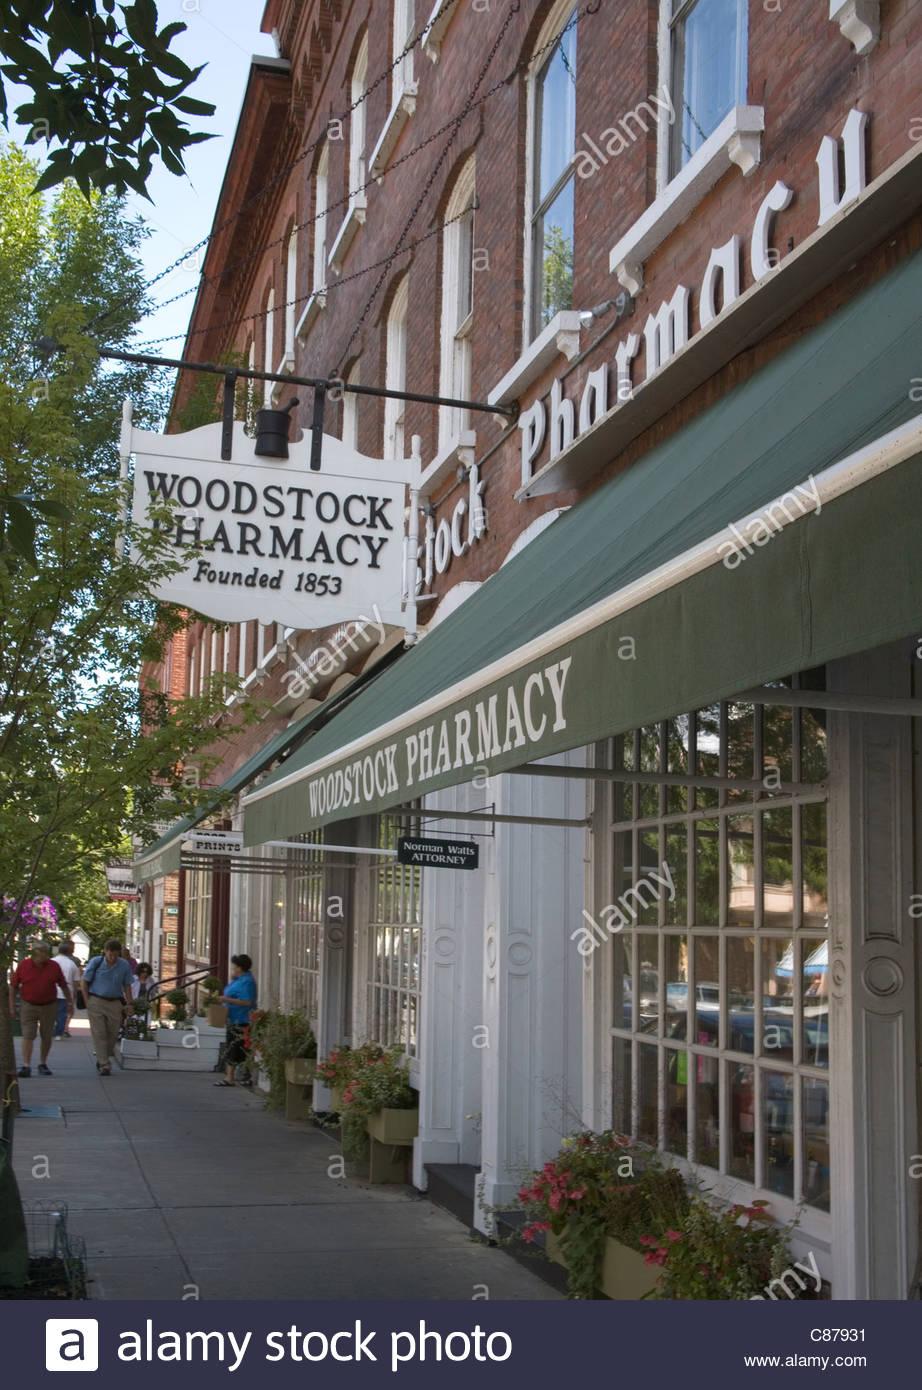 Woodstock vermont farmacia Imagen De Stock